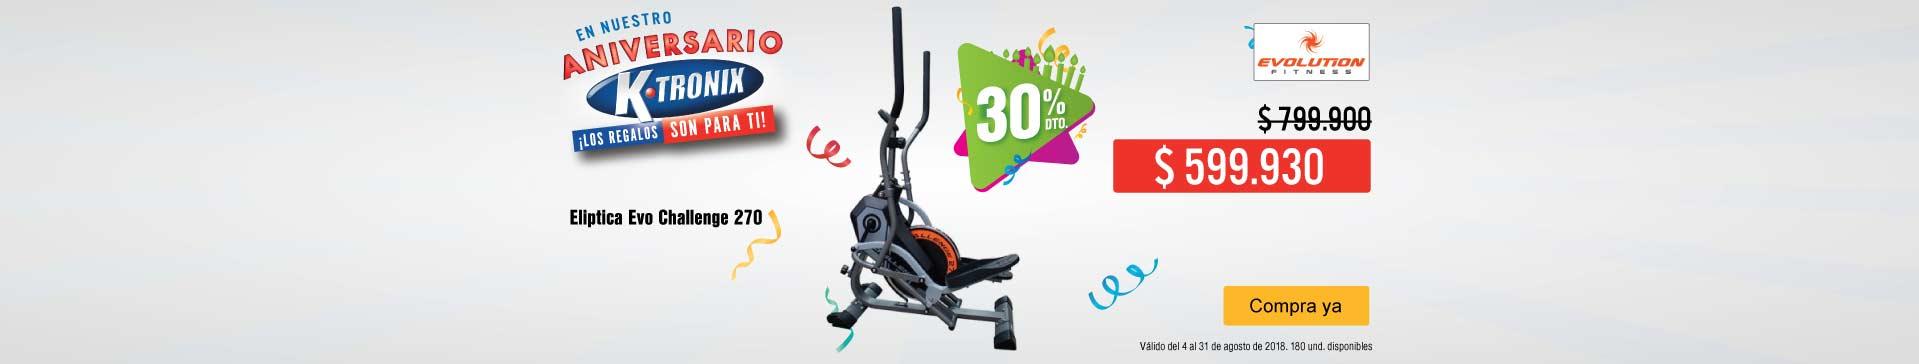 kt-hiper-3-deportes-pp-evolution-evochallenge-ago11